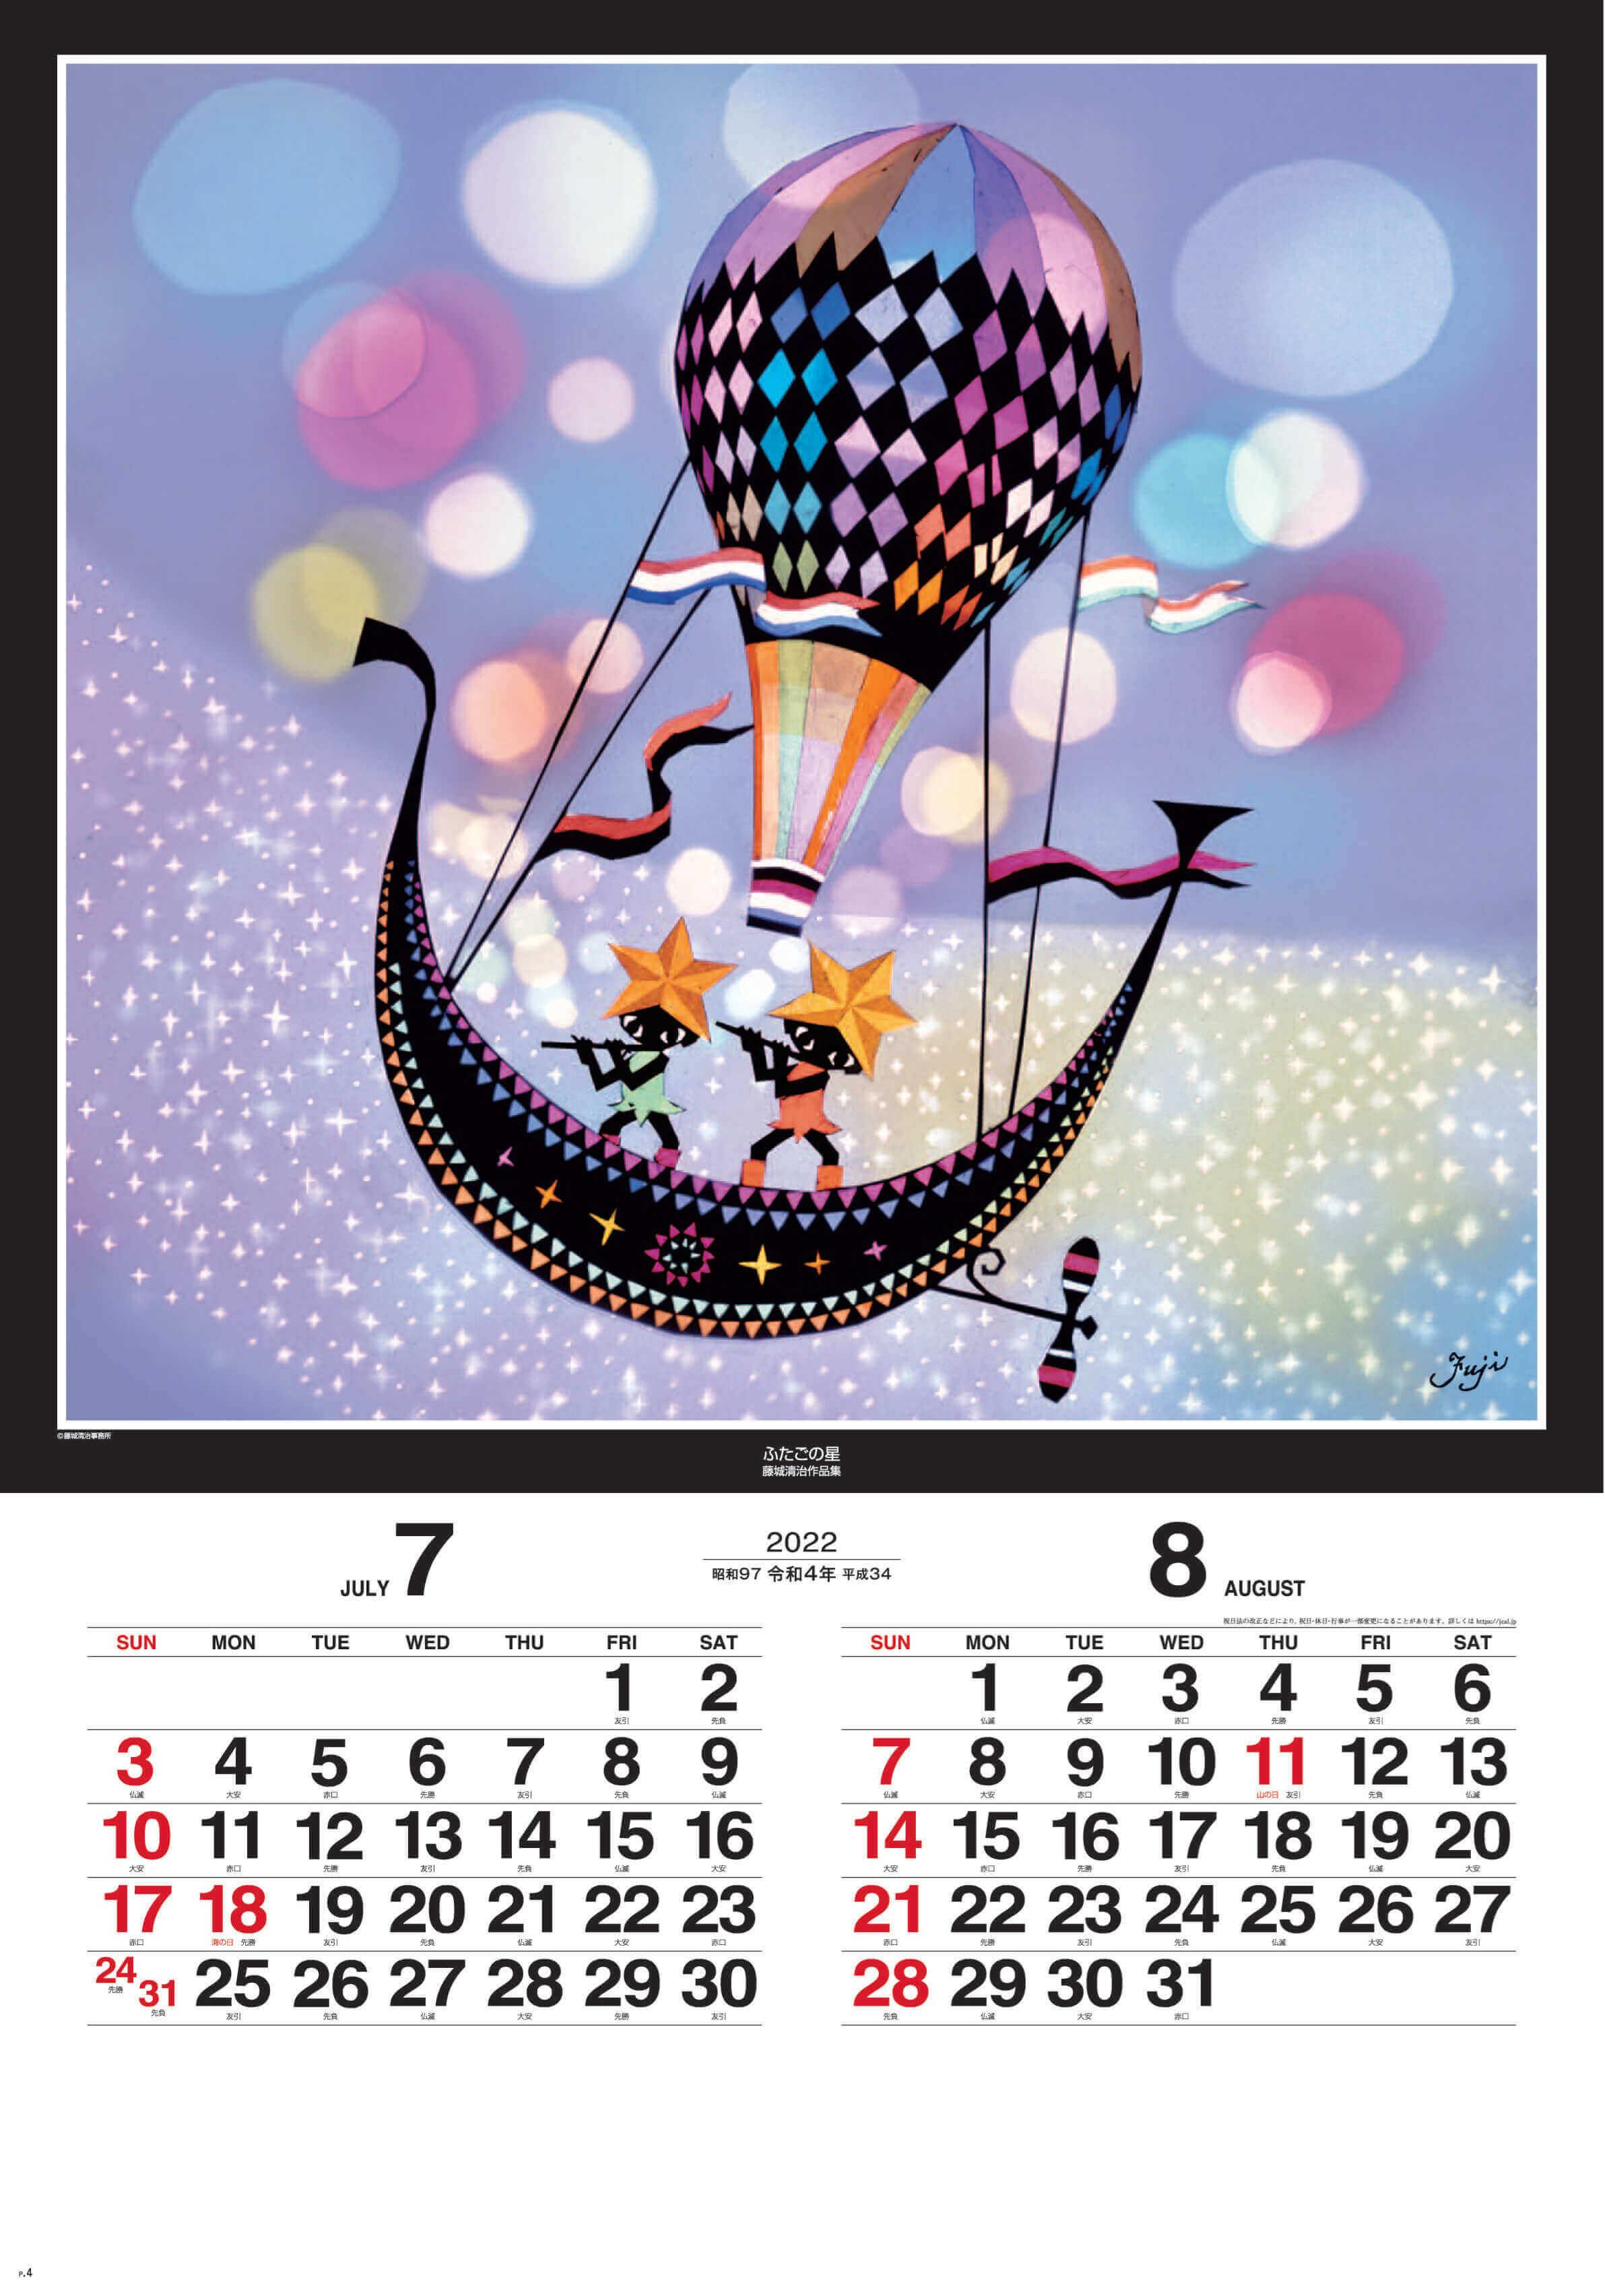 7-8月 ふたごの星 遠い日の風景から(影絵)(フィルムカレンダー) 藤城清治 2022年カレンダーの画像